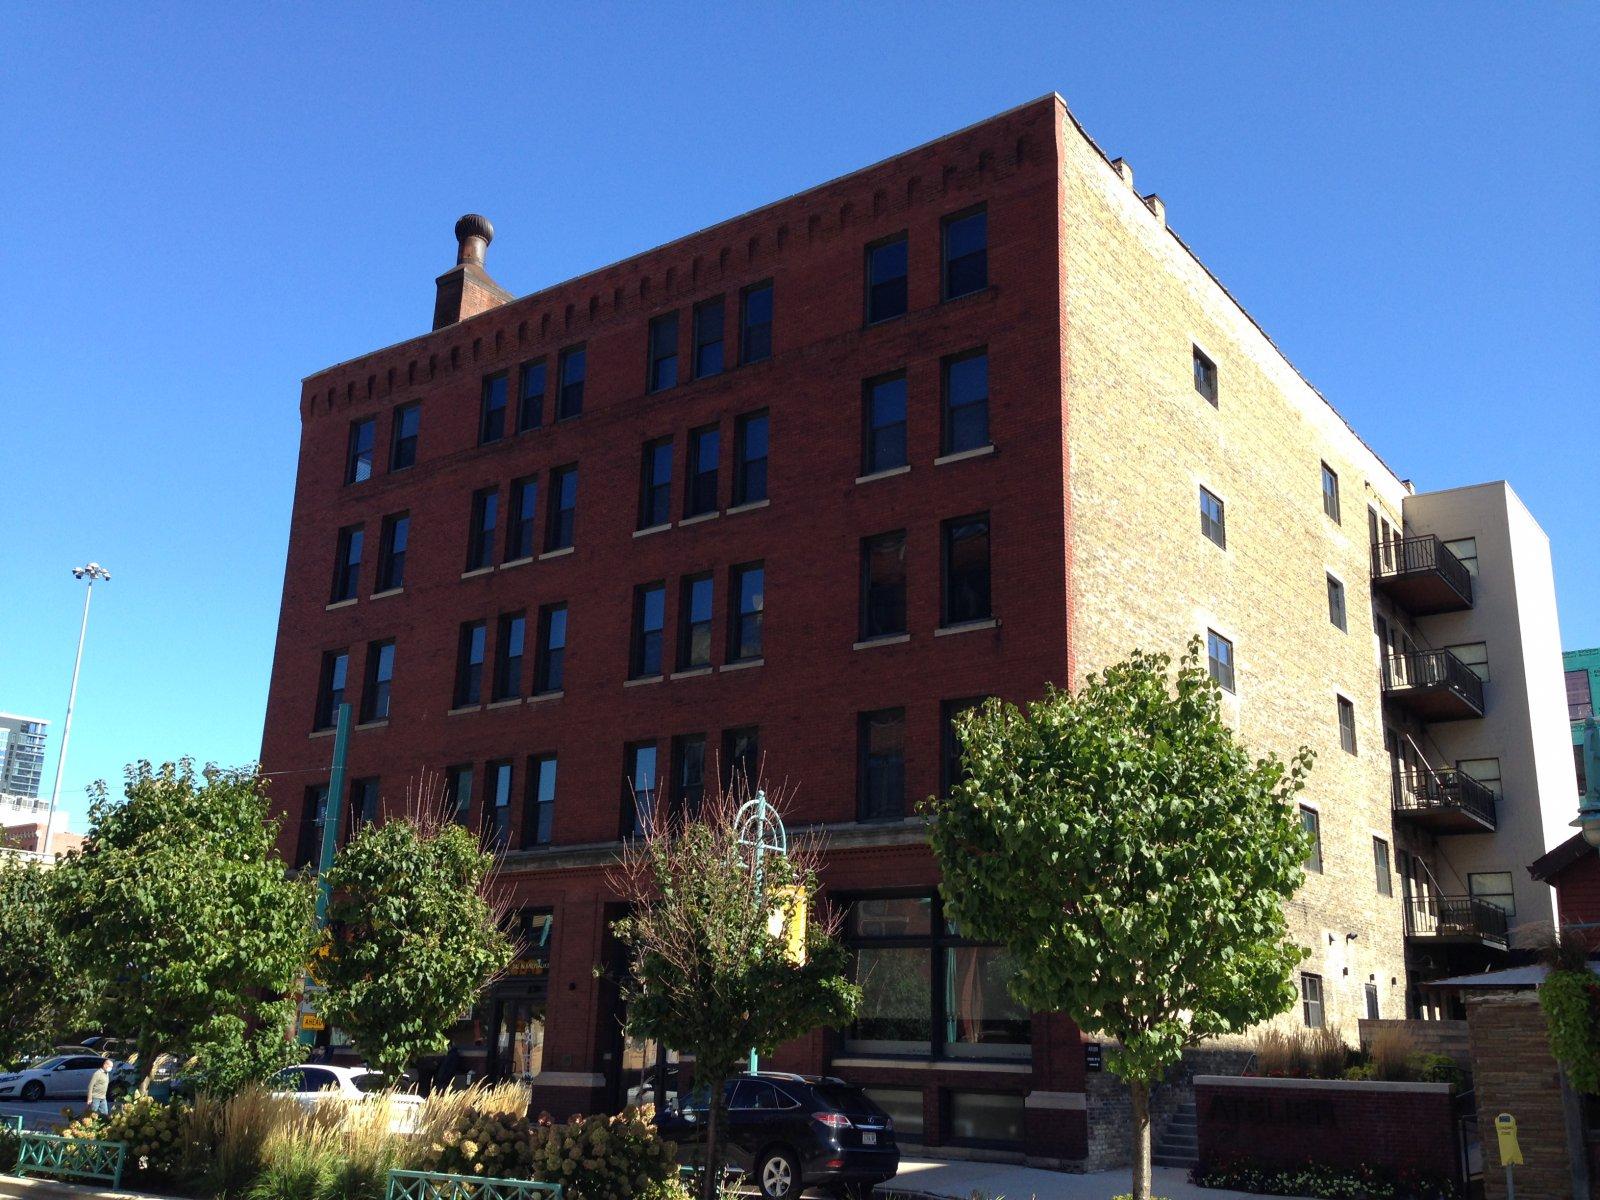 336-342 N. Milwaukee St.